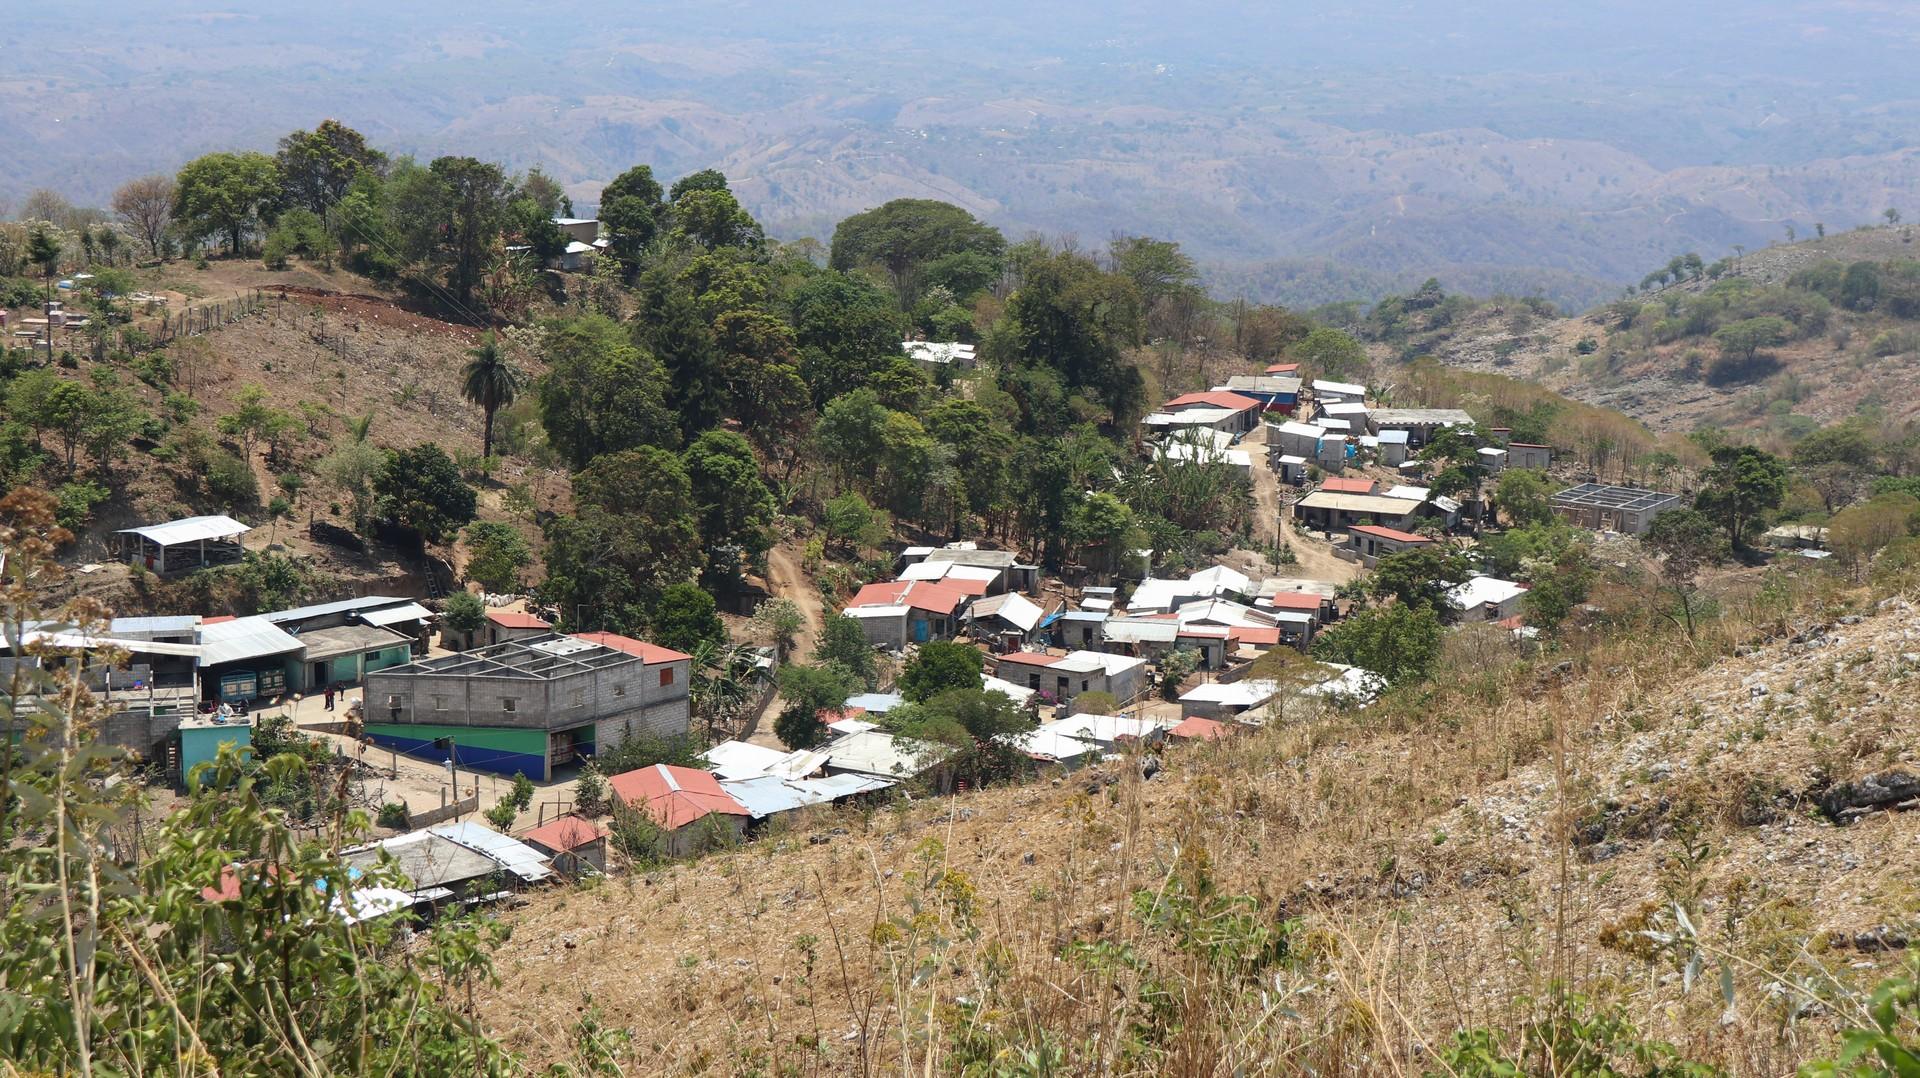 2018-04-16 Chiapa de Corzo_San Cristobal de las Casas-2